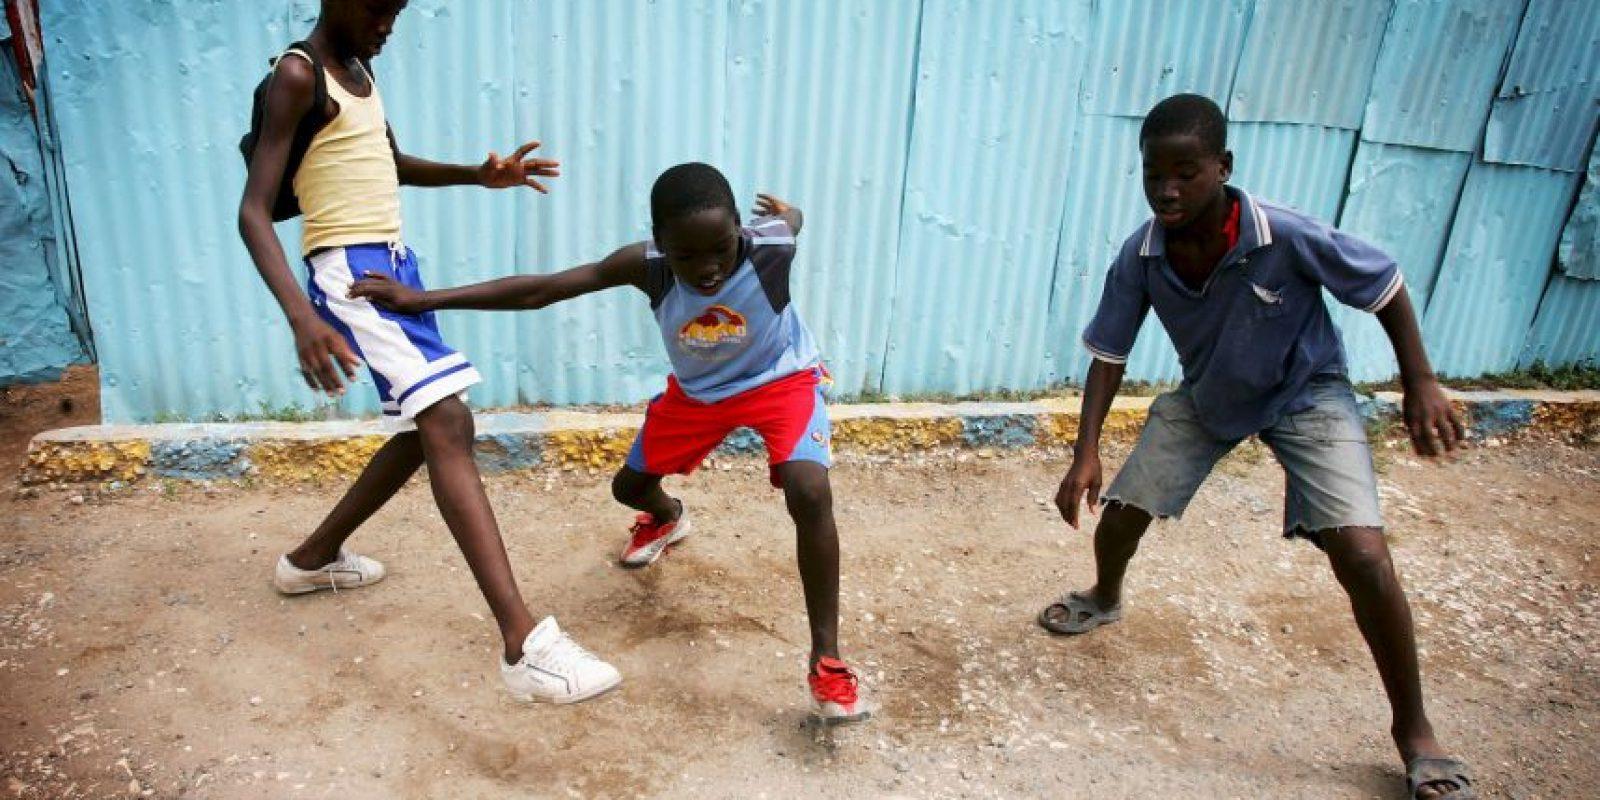 El homicidio es la primera causa de muerte entre los hombres de 10 a 19 años en Panamá, Venezuela, El Salvador, Trinidad y Tobago, Brasil, Guatemala y Colombia. Foto:Getty Images